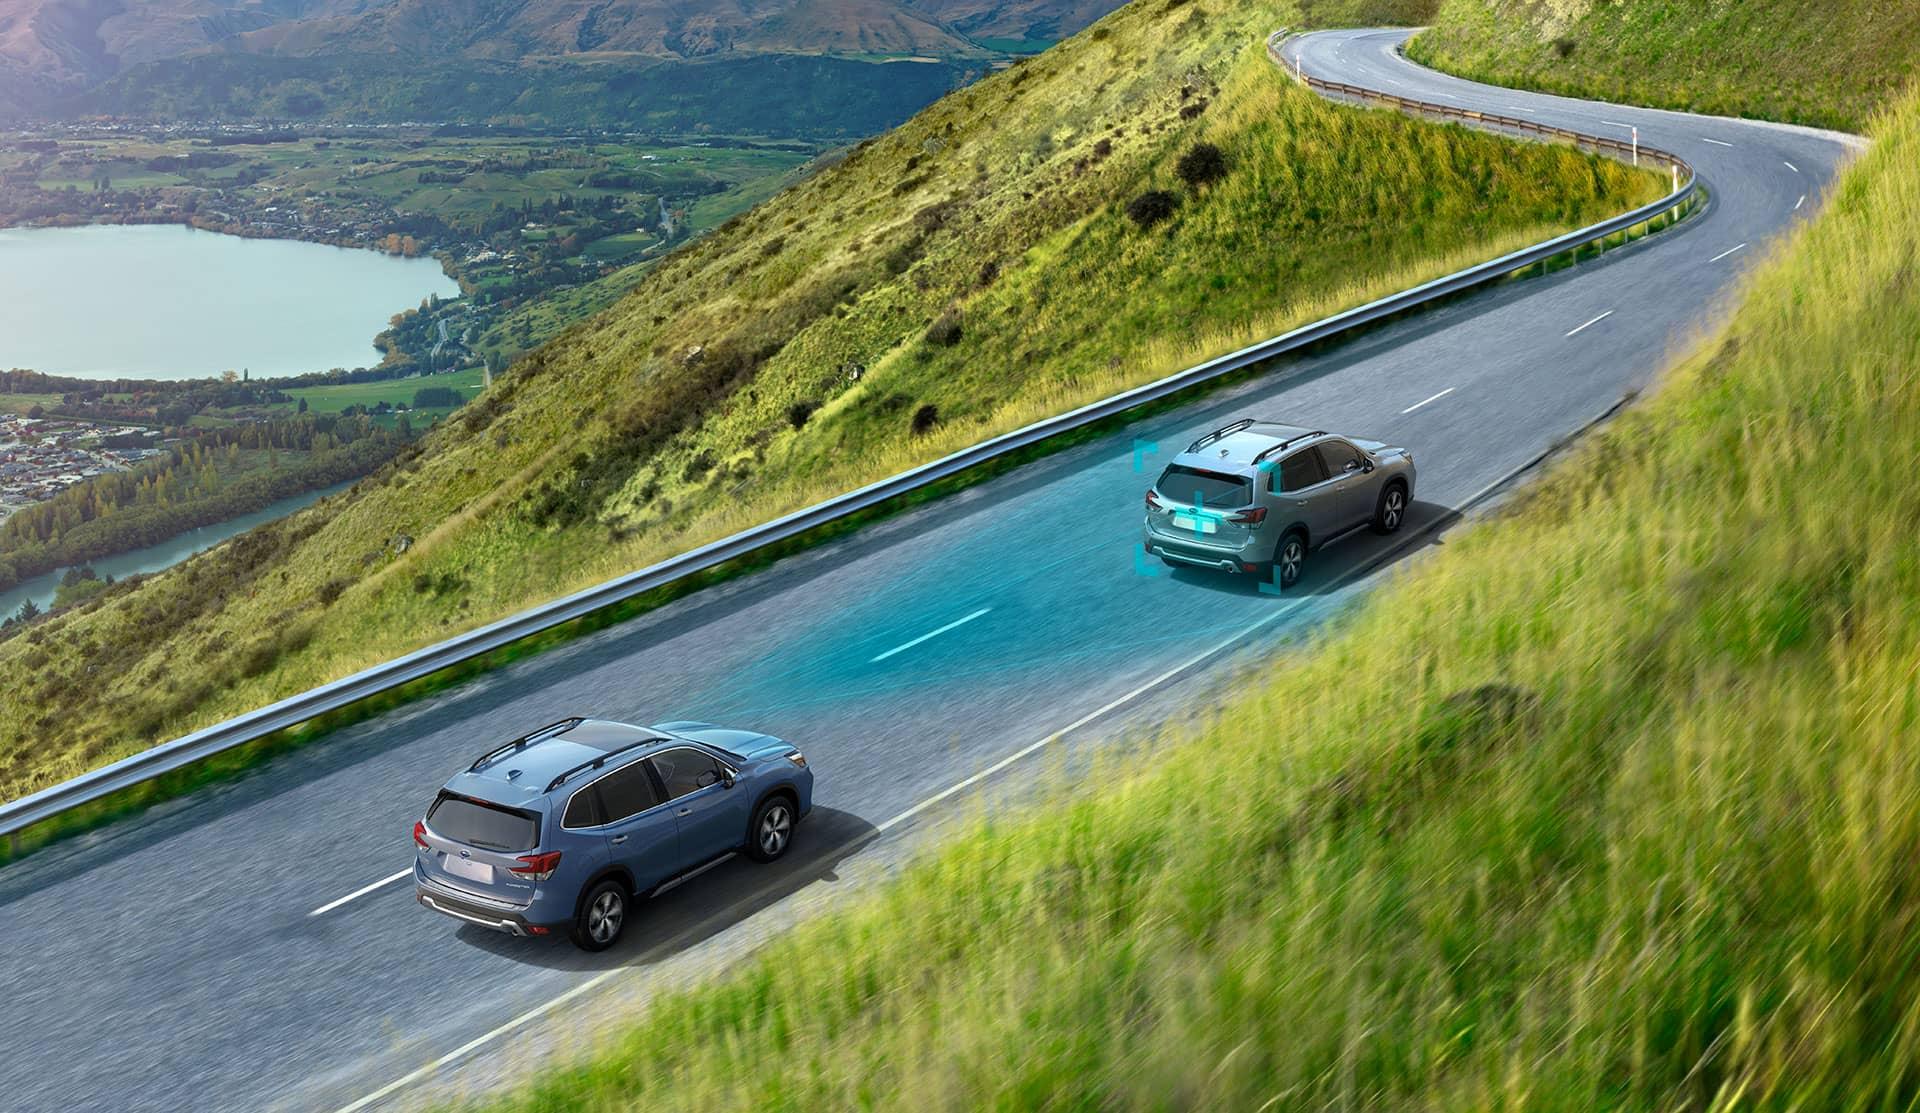 Deux Subaru Forester 2020 se suivent sur routes montagneuses